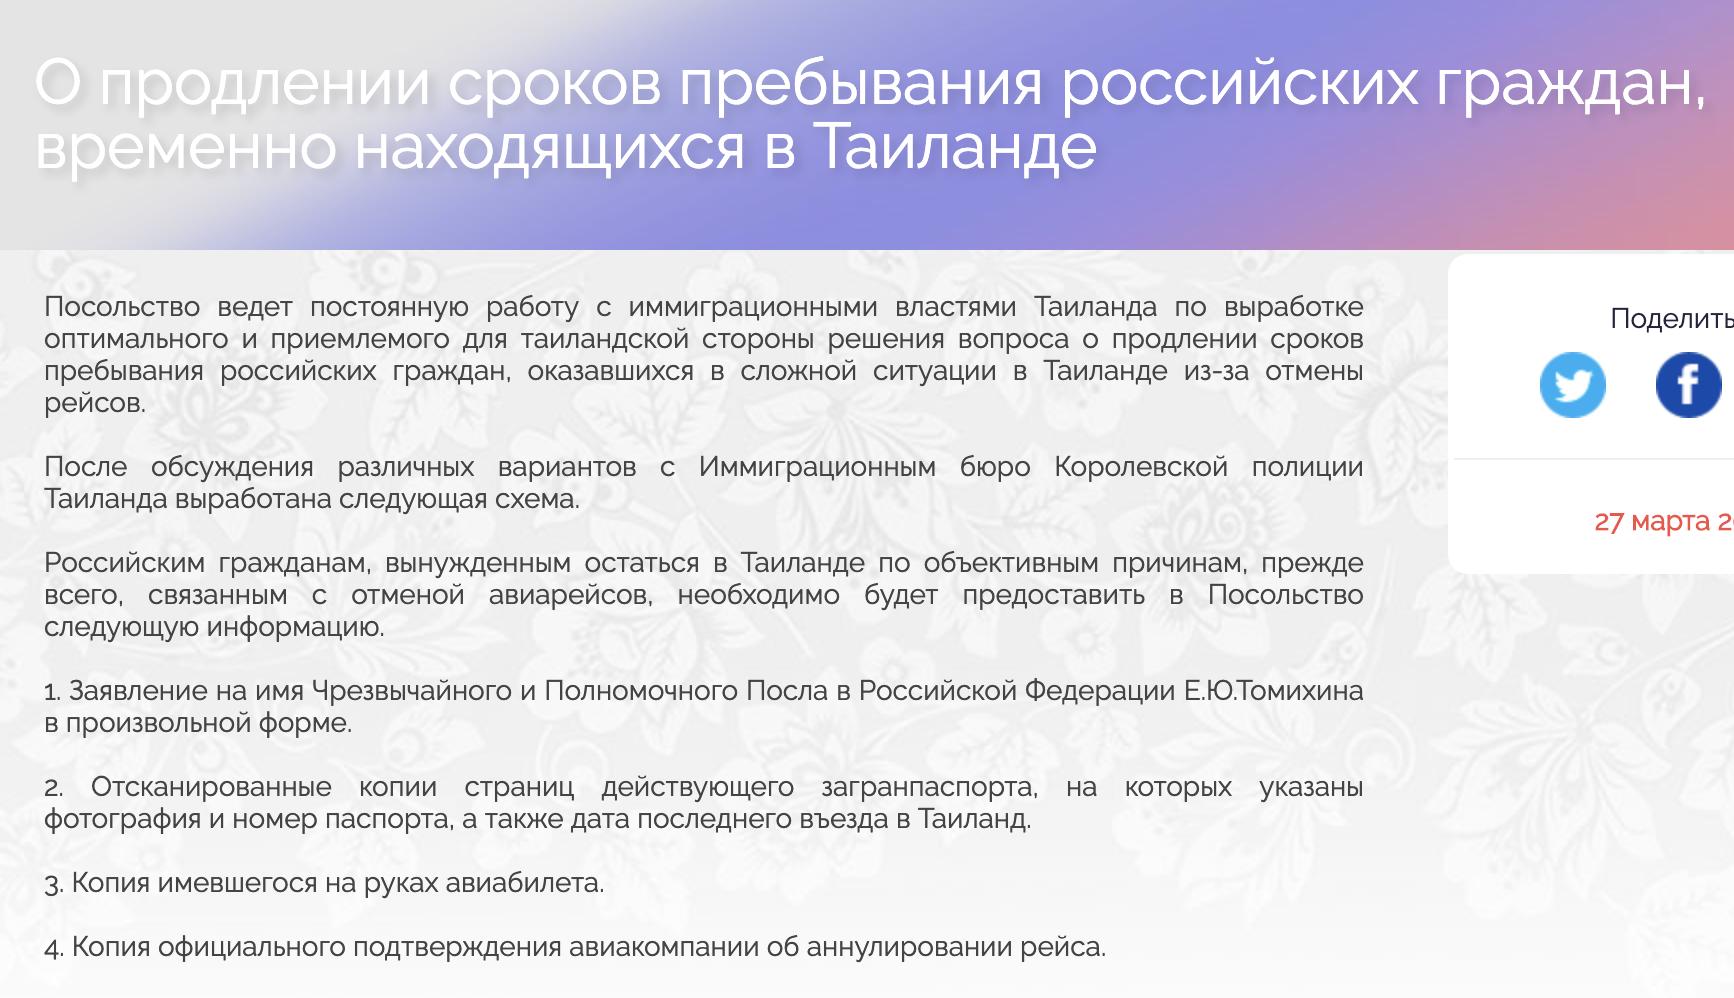 Россияне смогут продлить срок пребывания в Таиланде